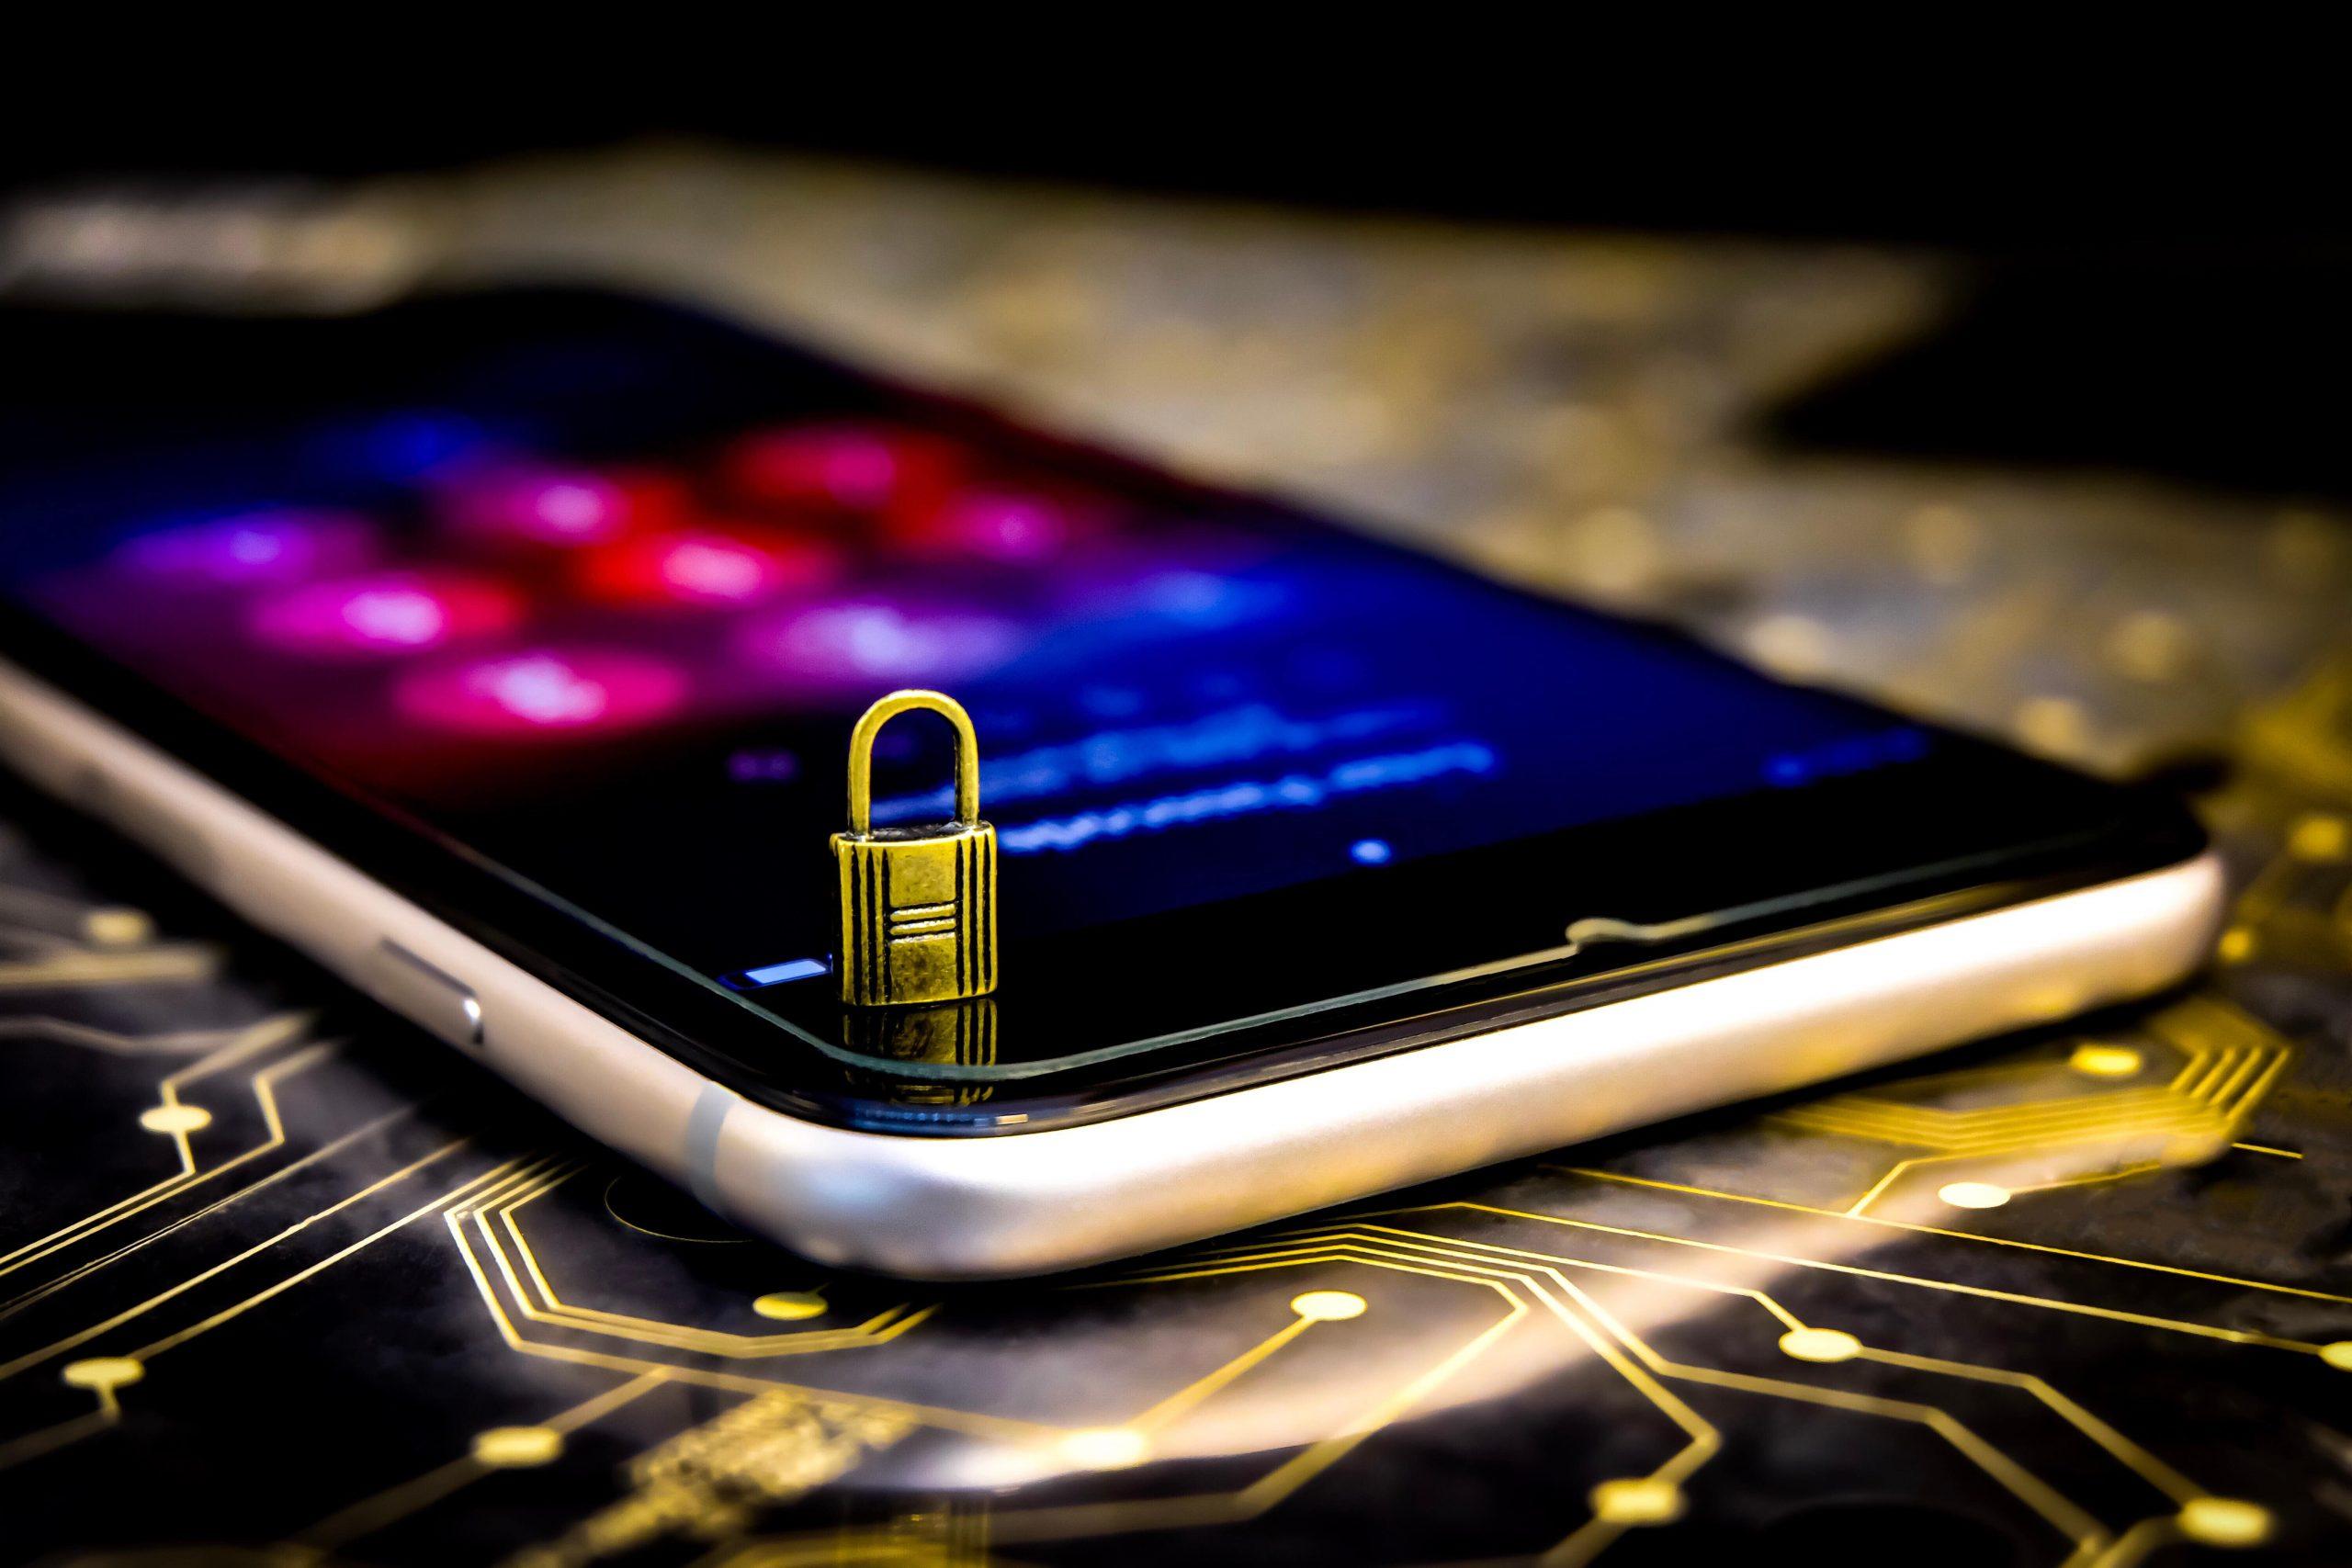 هواوي تنضم إلى منصة الأمن السيبراني العالمية لتقدم خبرتها